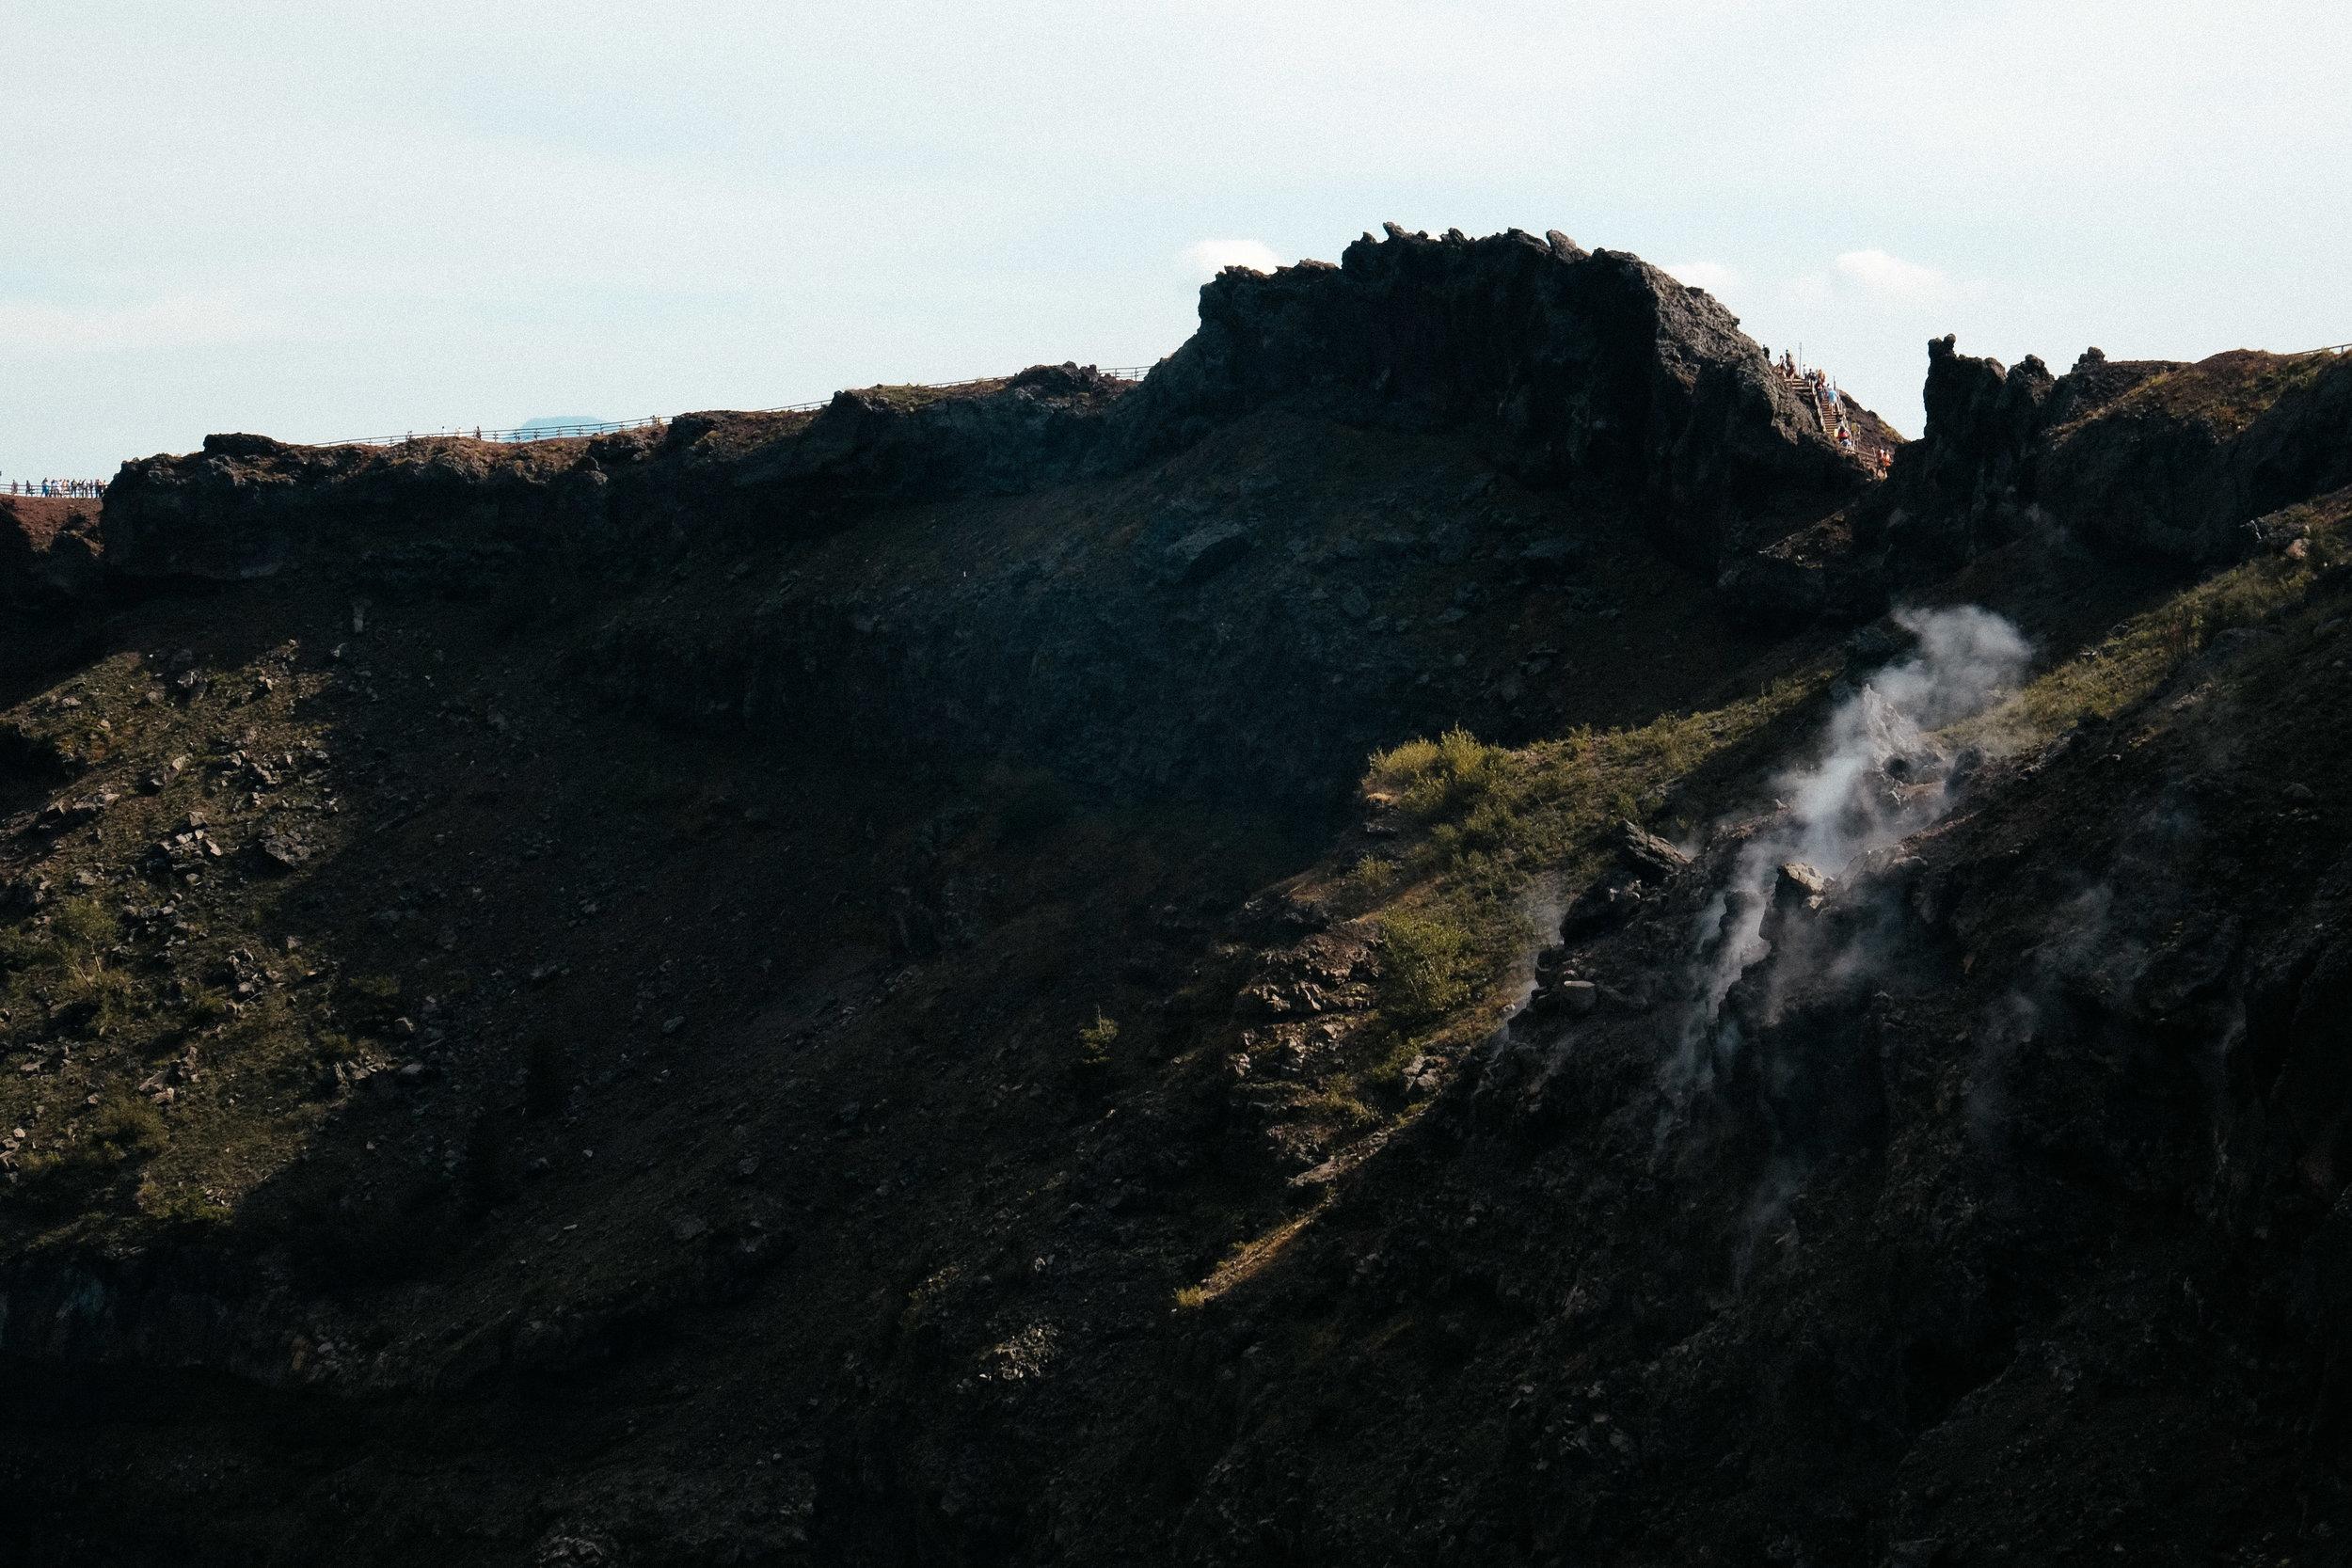 Lesly Lotha_Mount Vesuvius_Italy 07.jpg